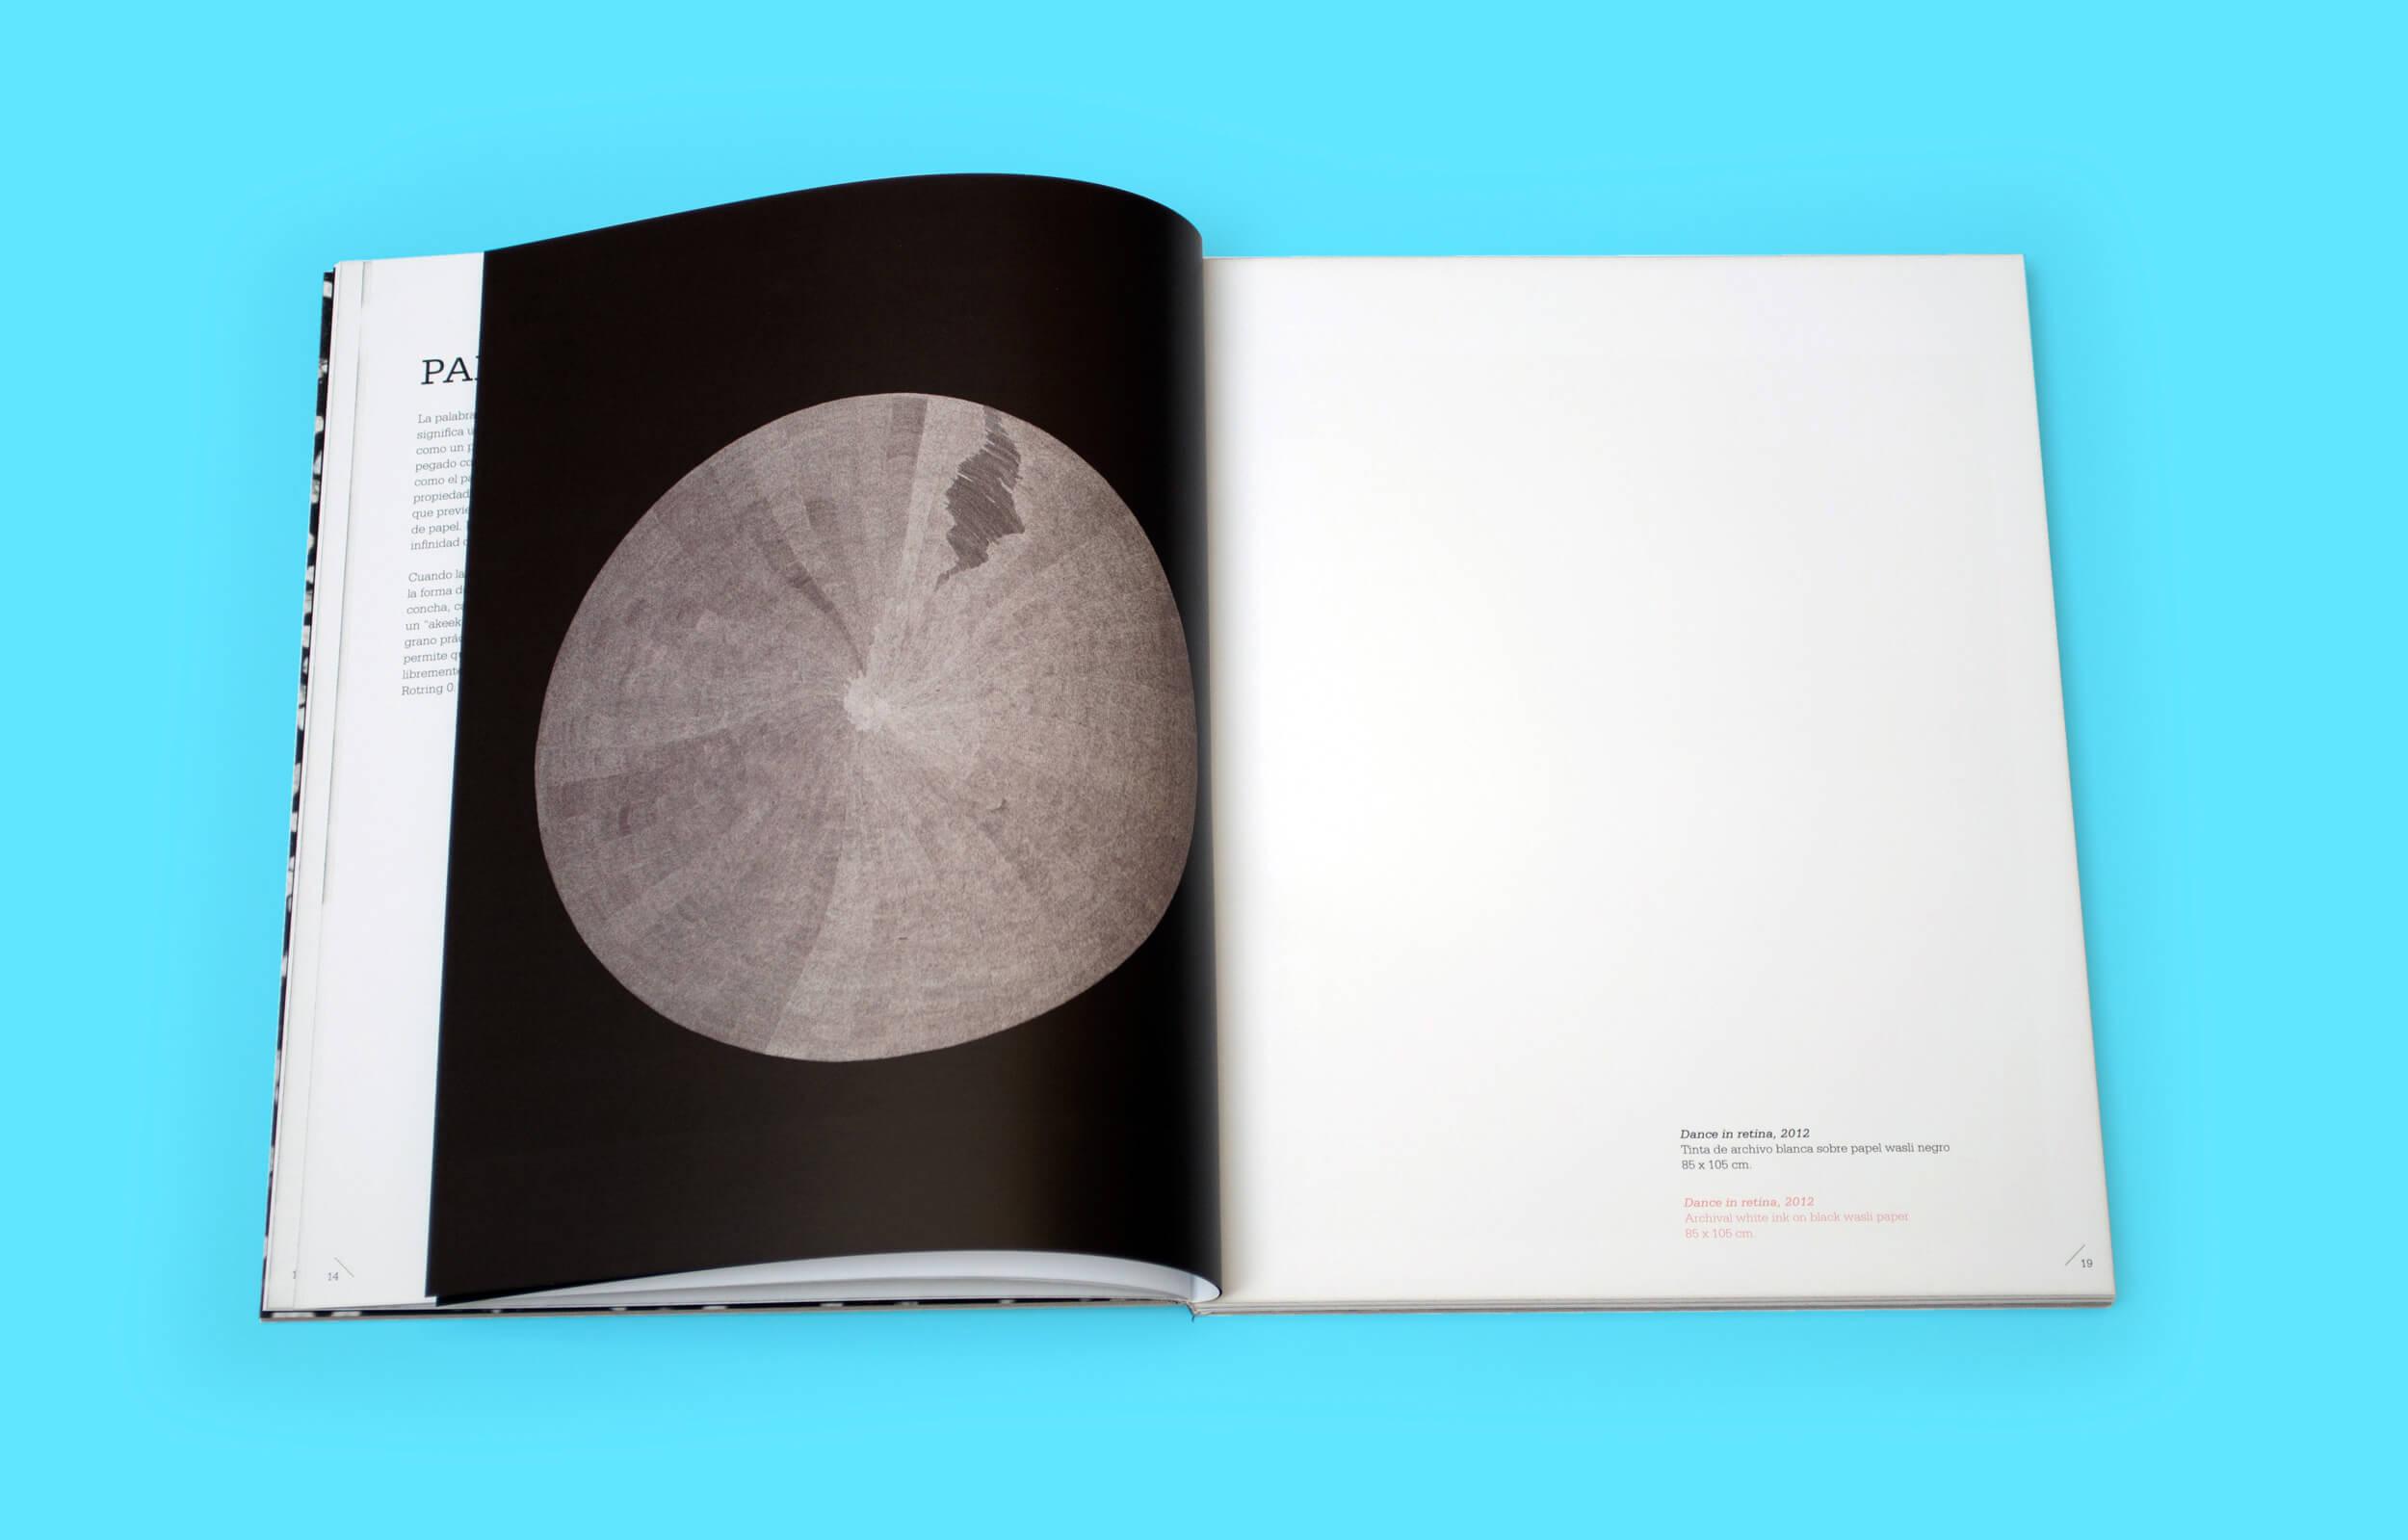 """Páginas interiores del libro """"Abstraction Contained"""" del artista Pakistaní Waqas Khan para la galería Sabrina Amrani"""